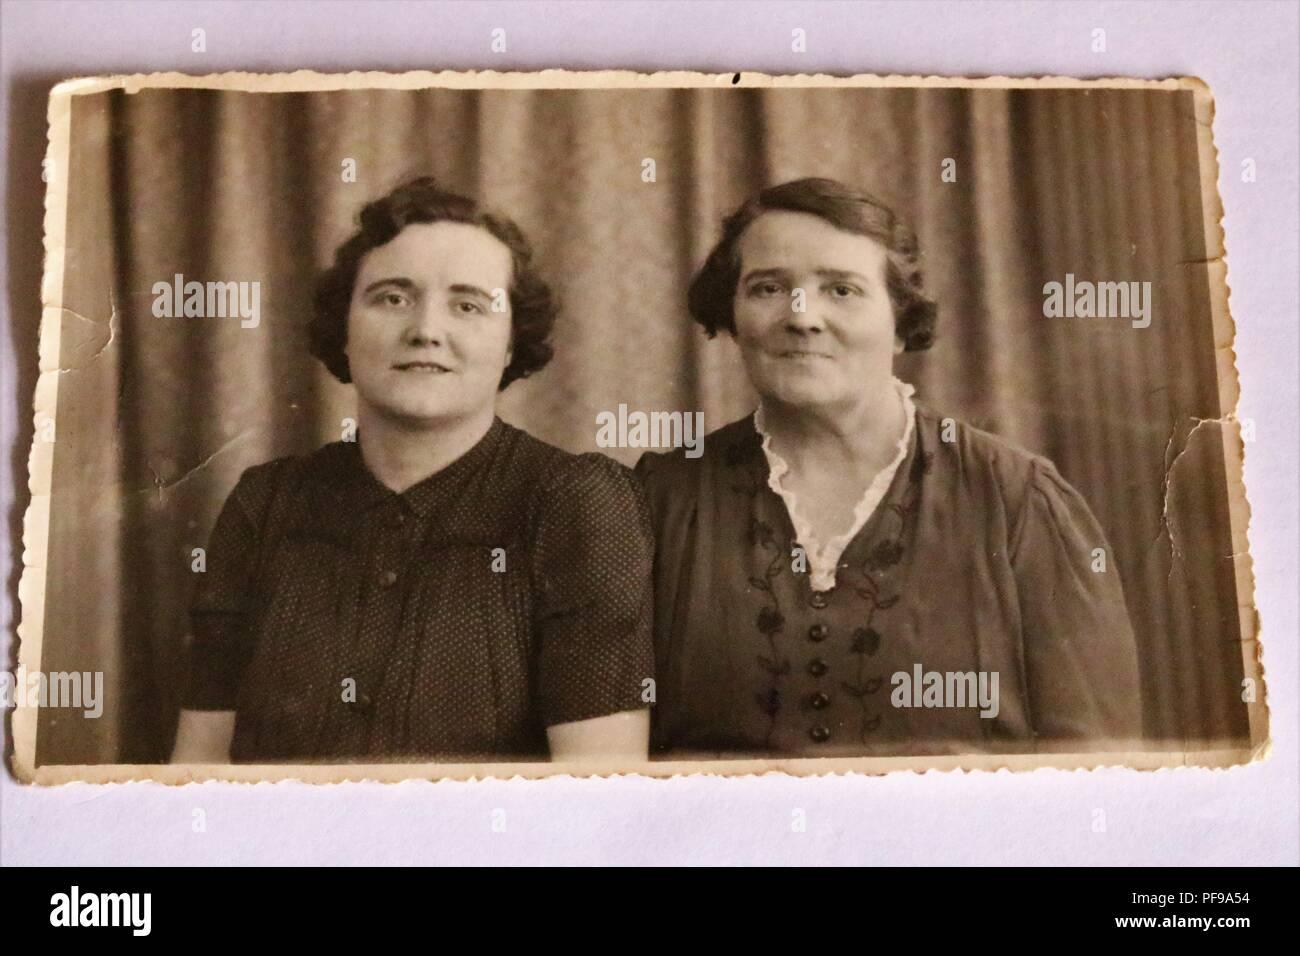 Lhistoire Sociale Noir Et Blanc Photographie Ancienne